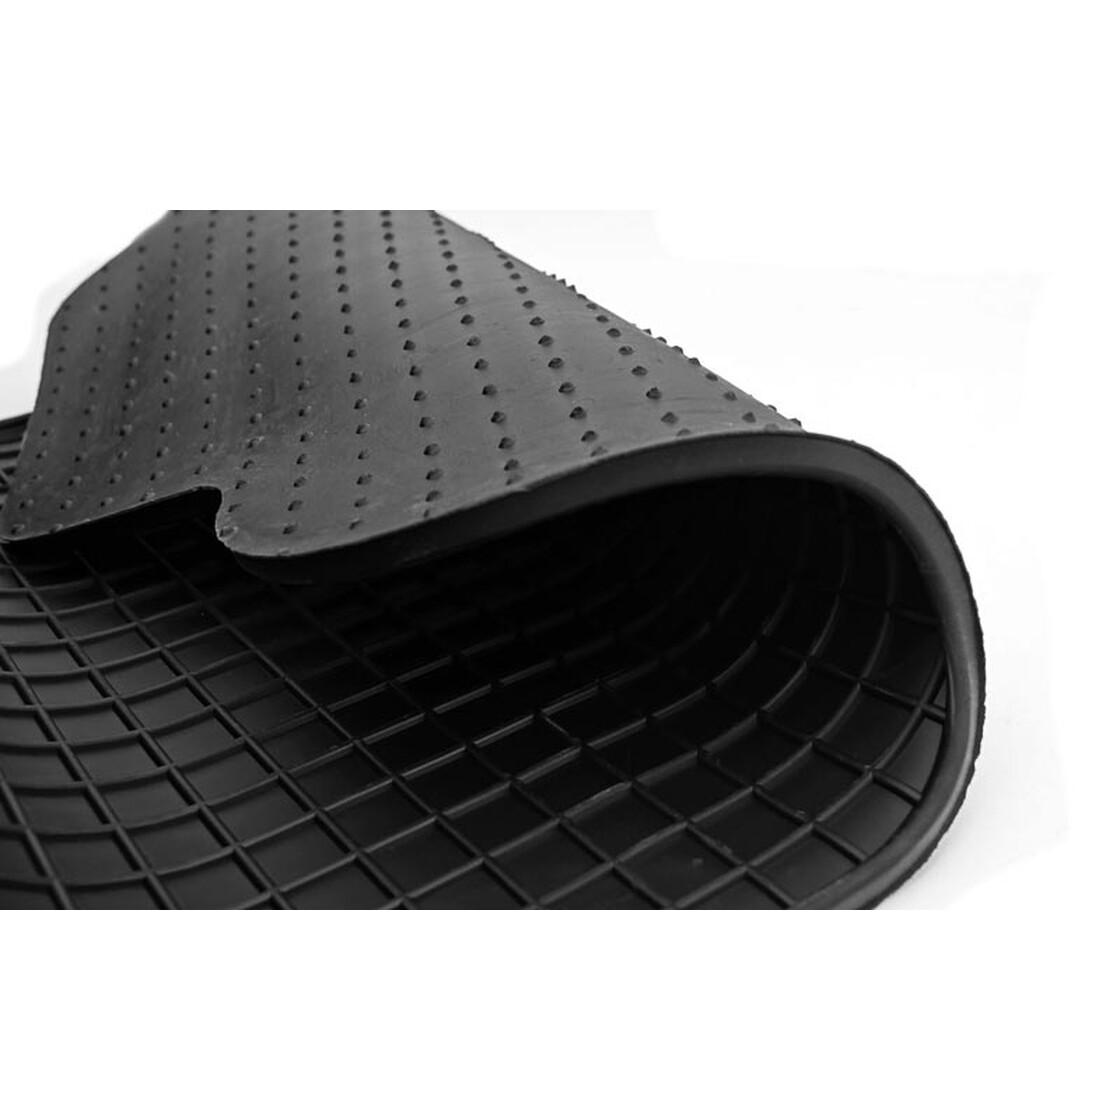 OPPL Fußraumschalen 3-teilig statt Gummimatte für Mercedes Vito W447 2014